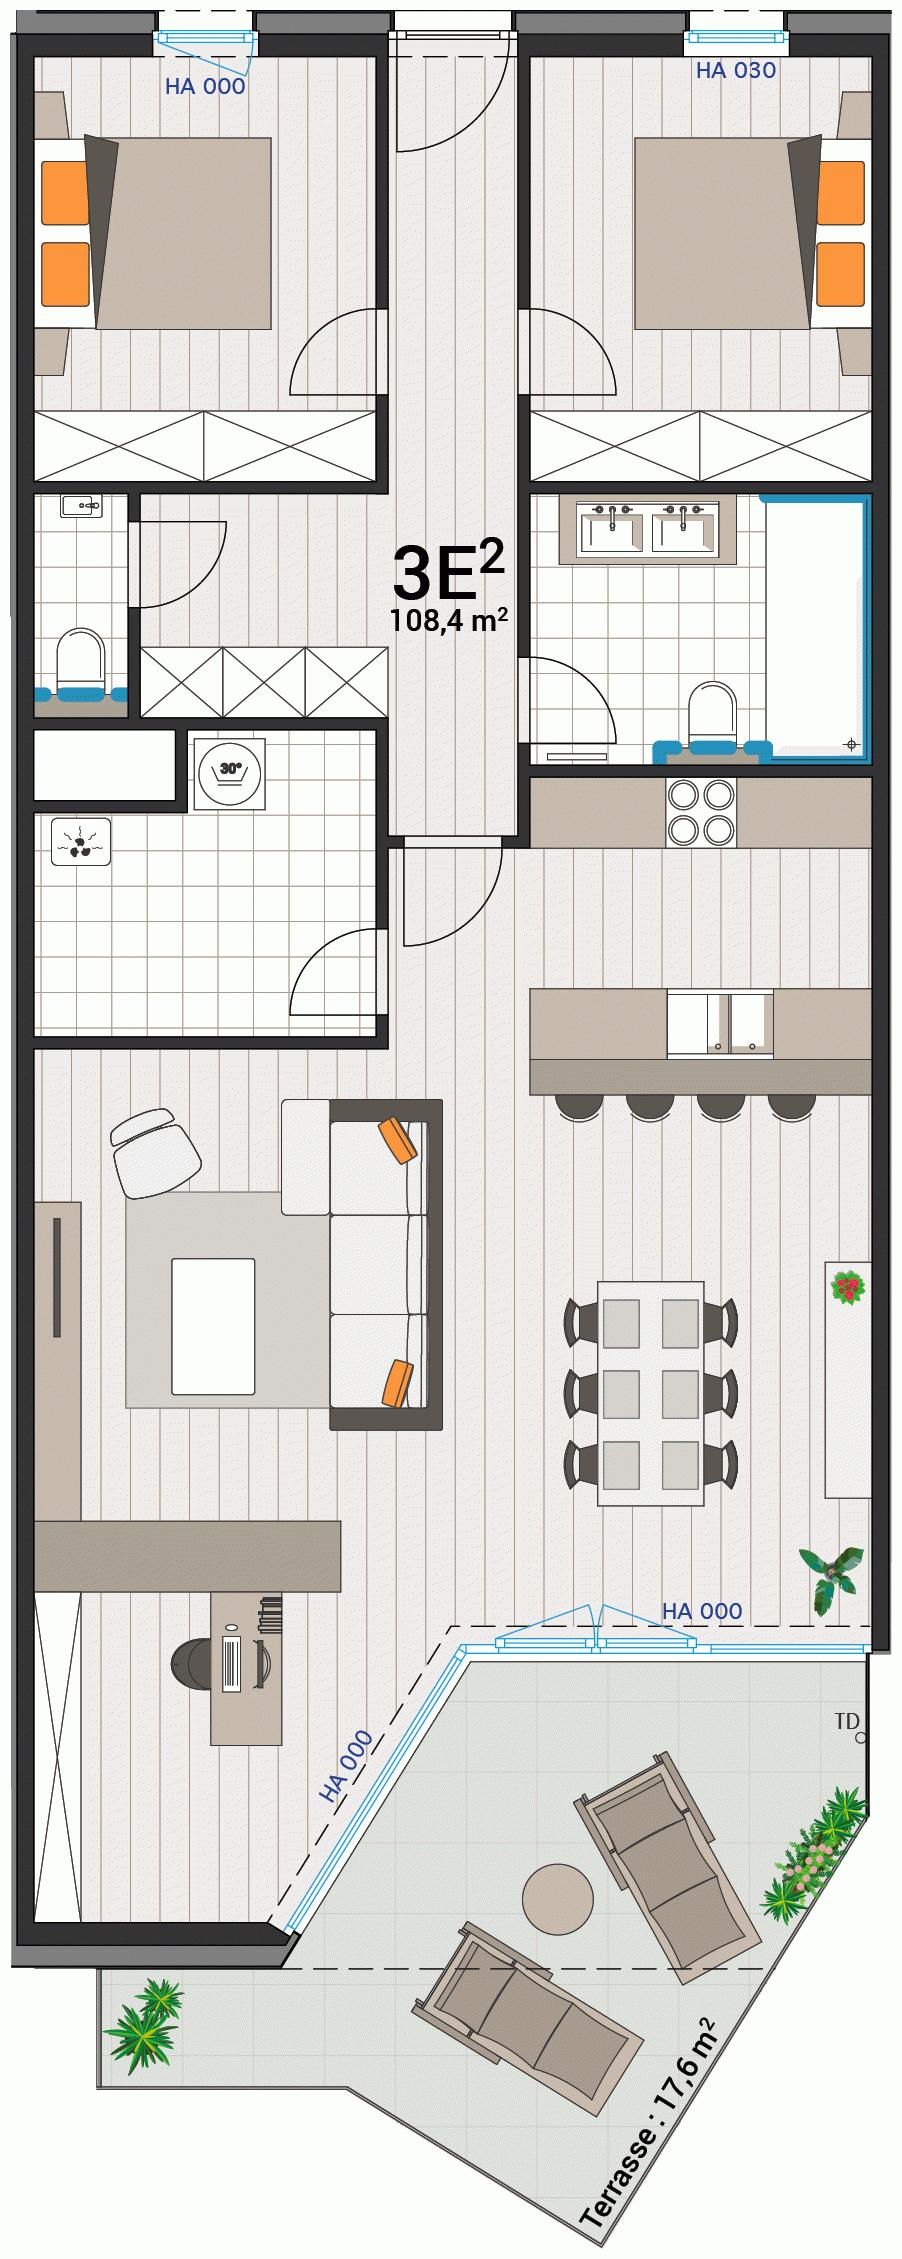 Appartement 3E